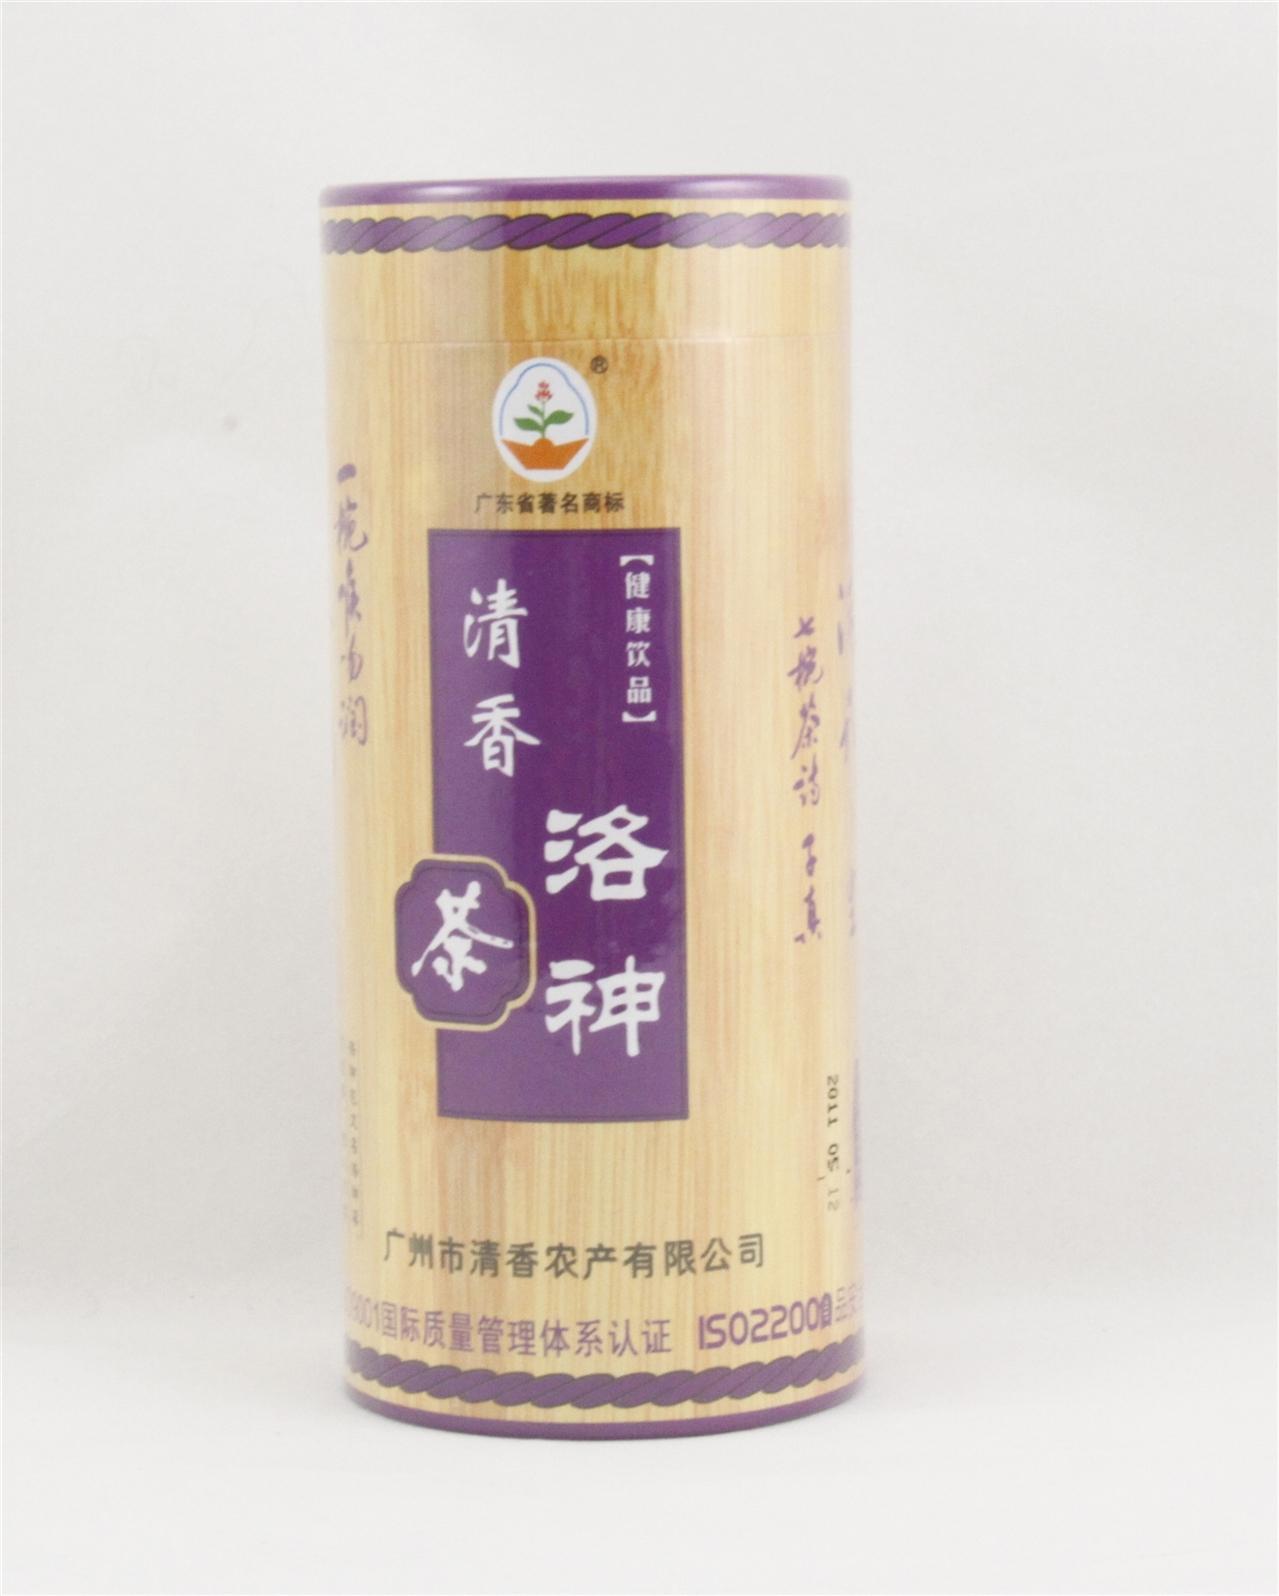 粤清香洛神花茶(筒装)